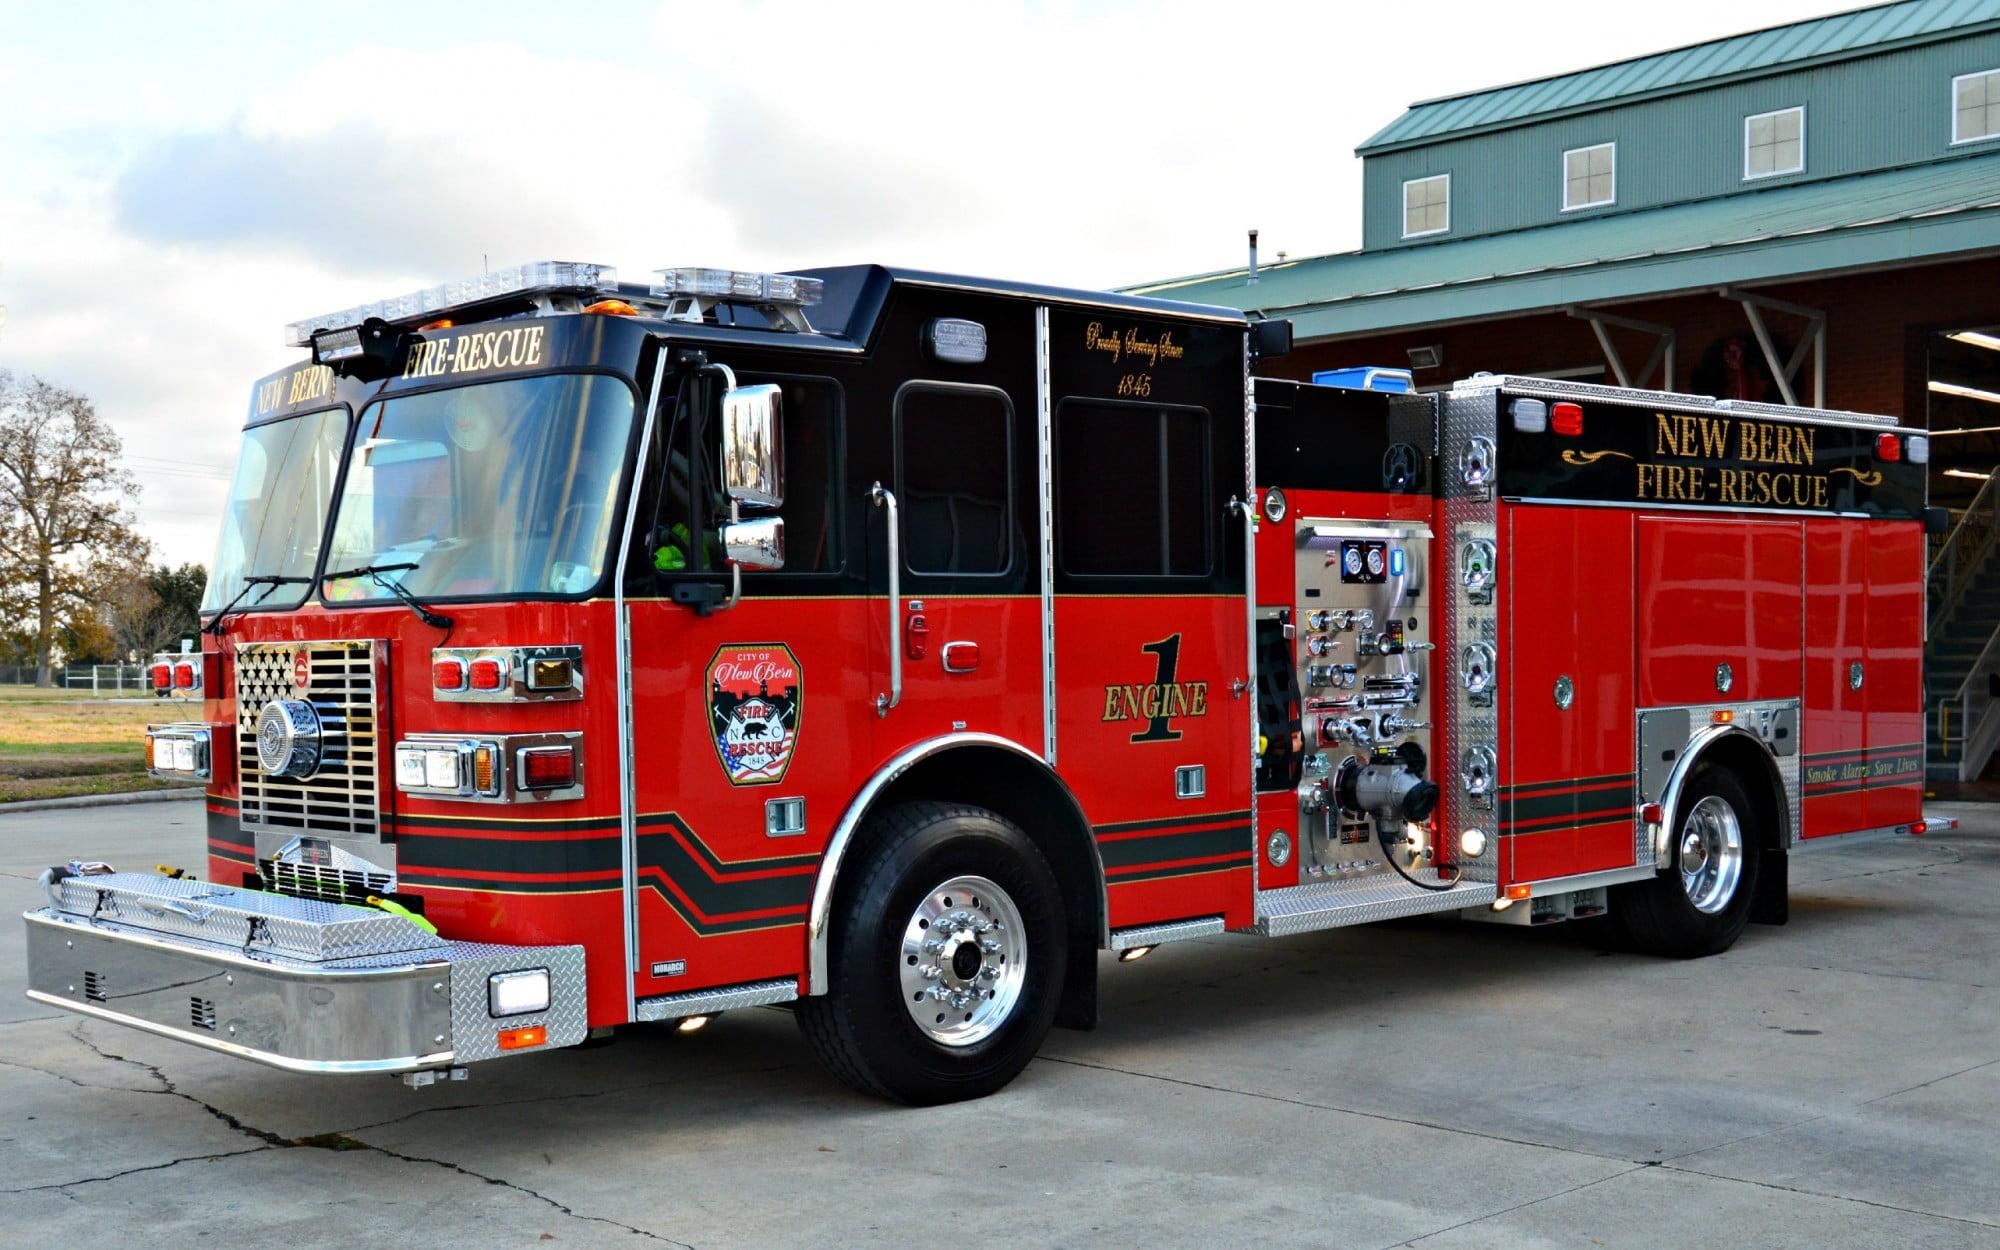 New Bern Fire Department, NC